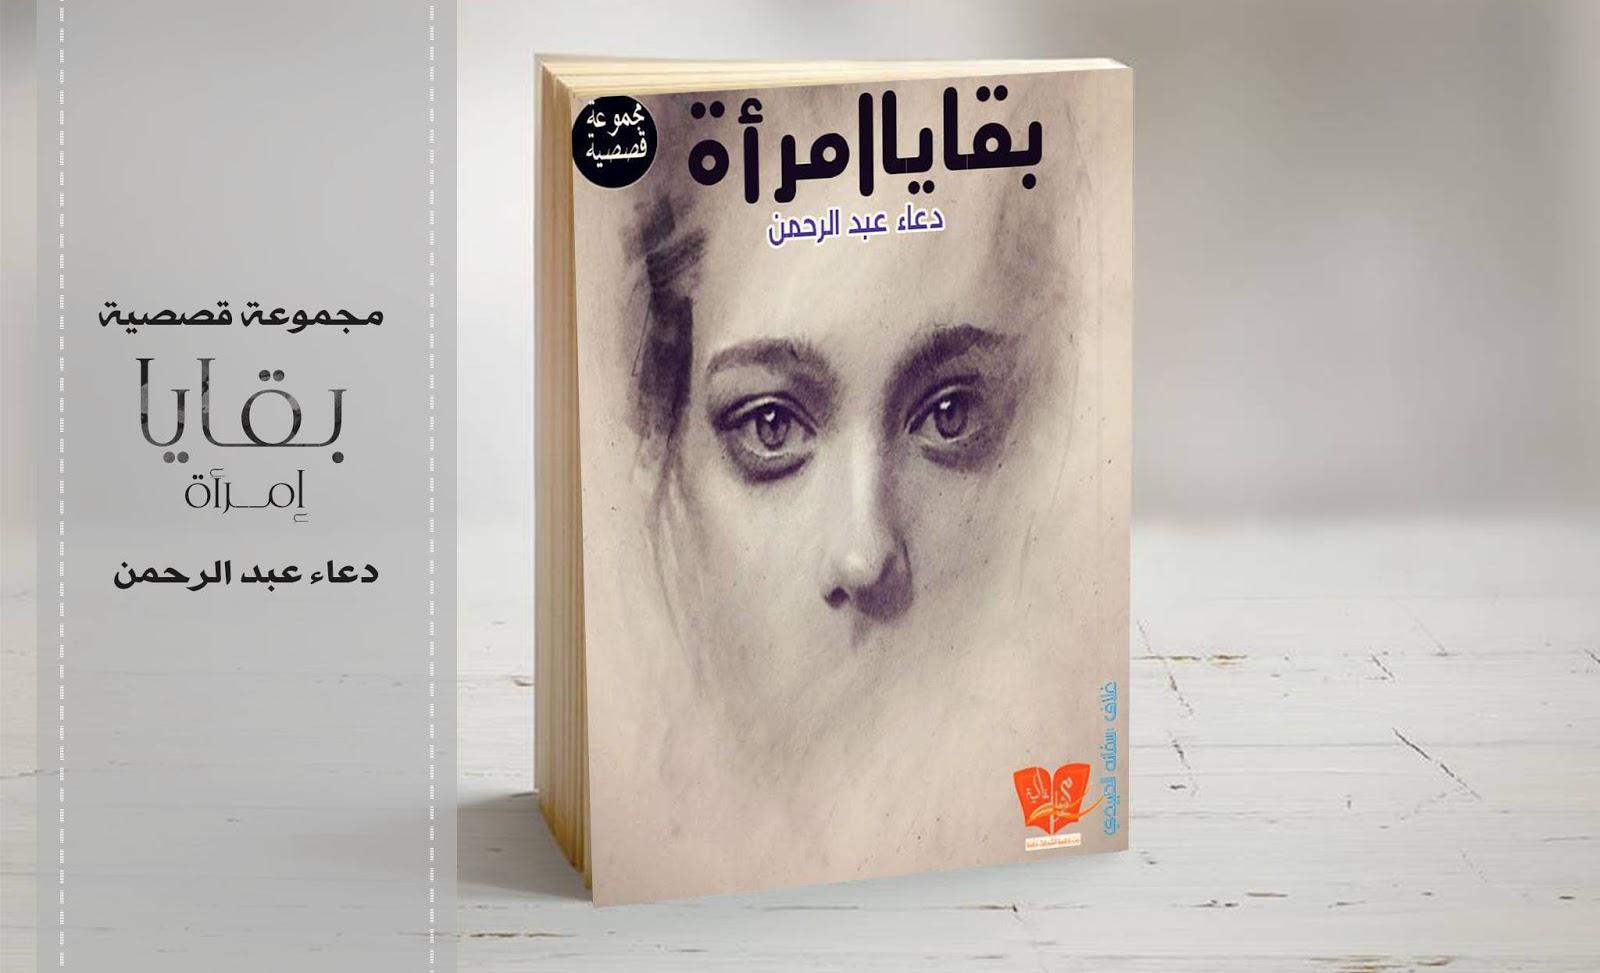 صورة روايات دعاء عبد الرحمن , اشهر مؤلفات دعاء عبد الرحمن